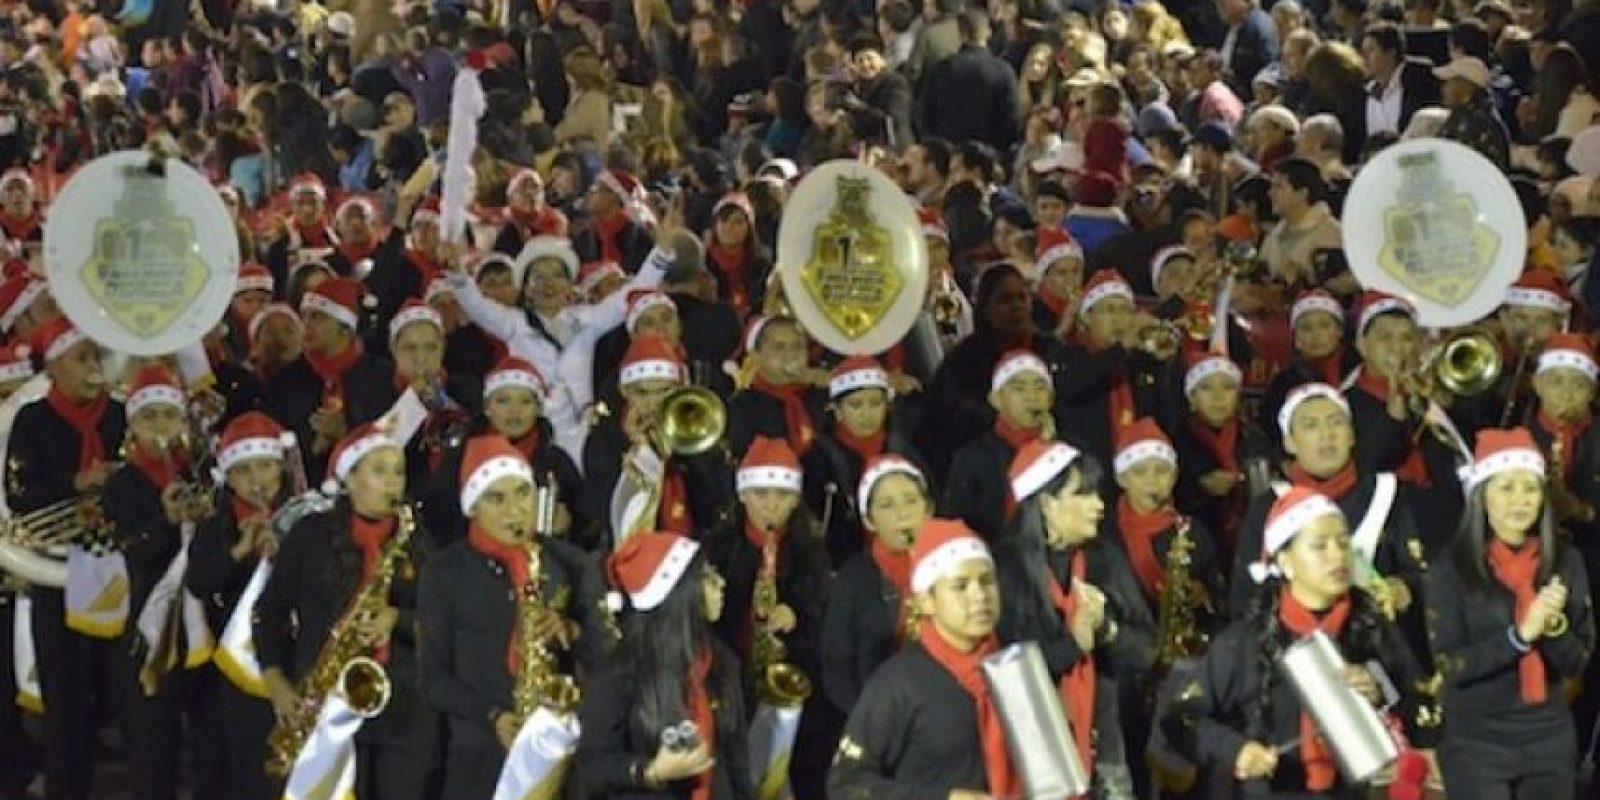 Las bandas musicales interpretaron temas navideños. Foto:Juan José López Torres / Publinews